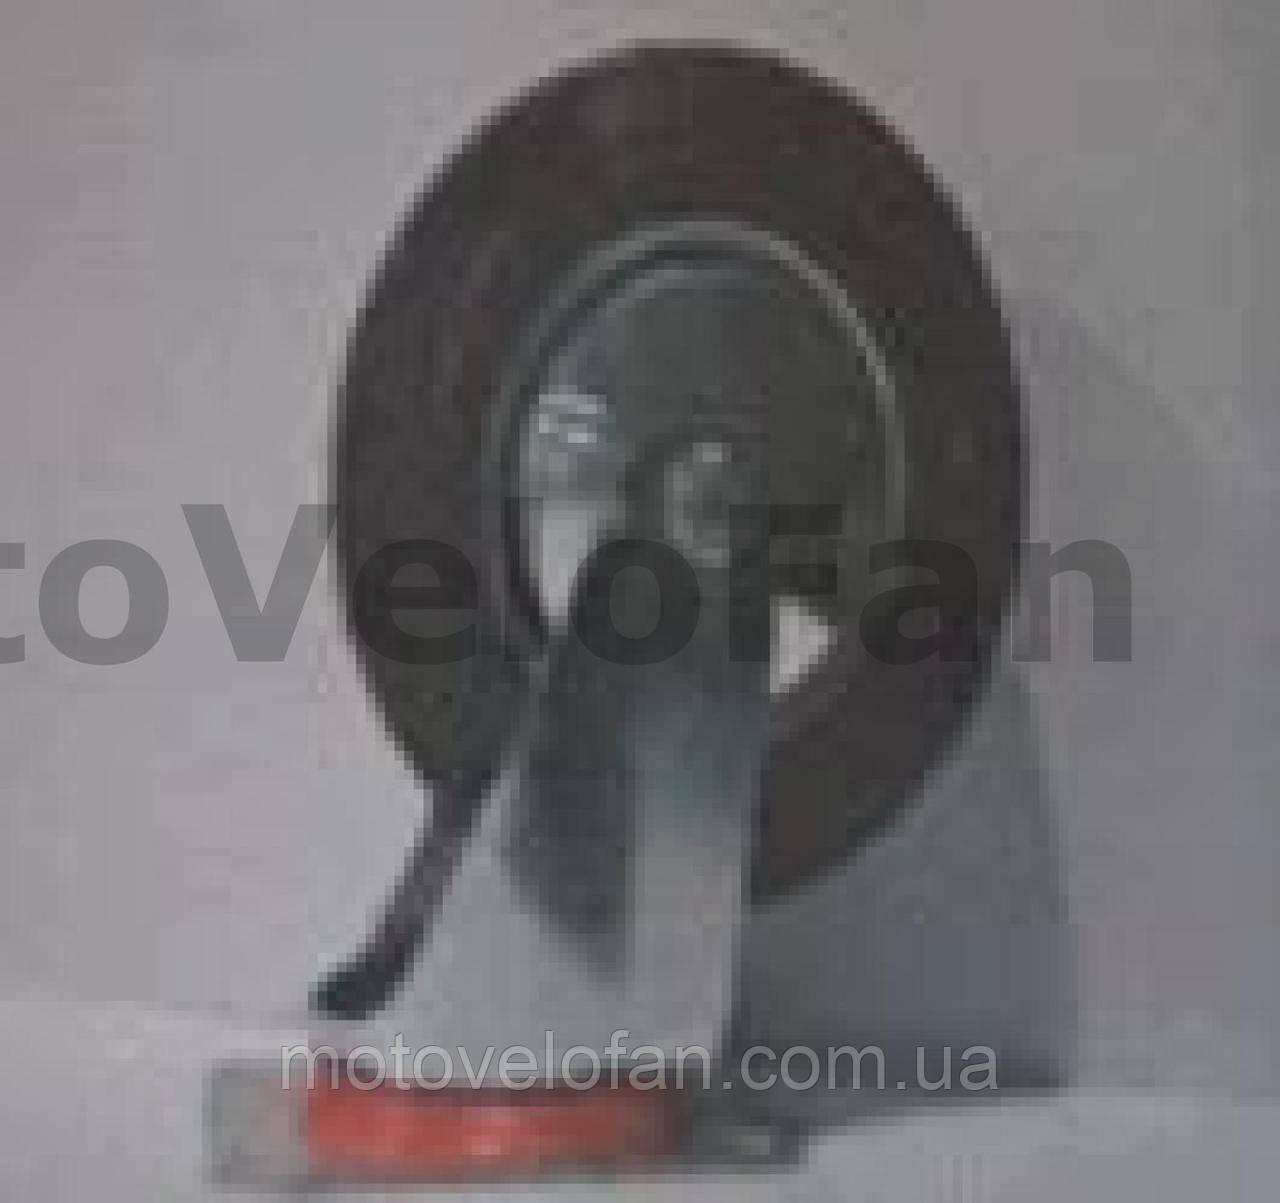 Колесо для тачек и платформ (литая резина) (в сборе с креплением, поворотное)   (160/40-80mm)   MRHD